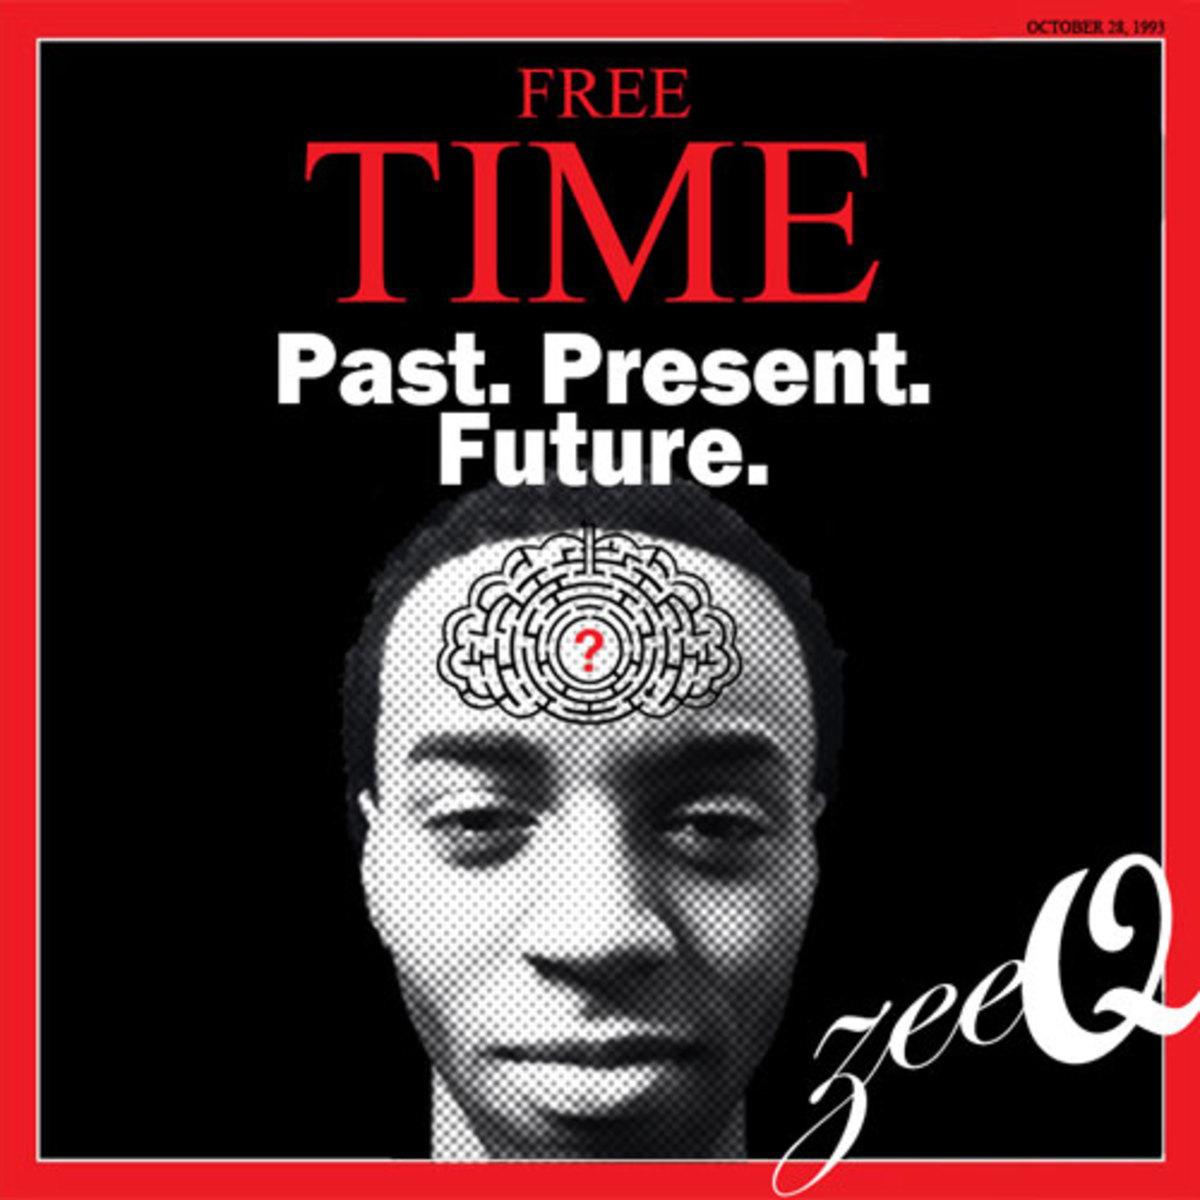 zeeq-freetime.jpg